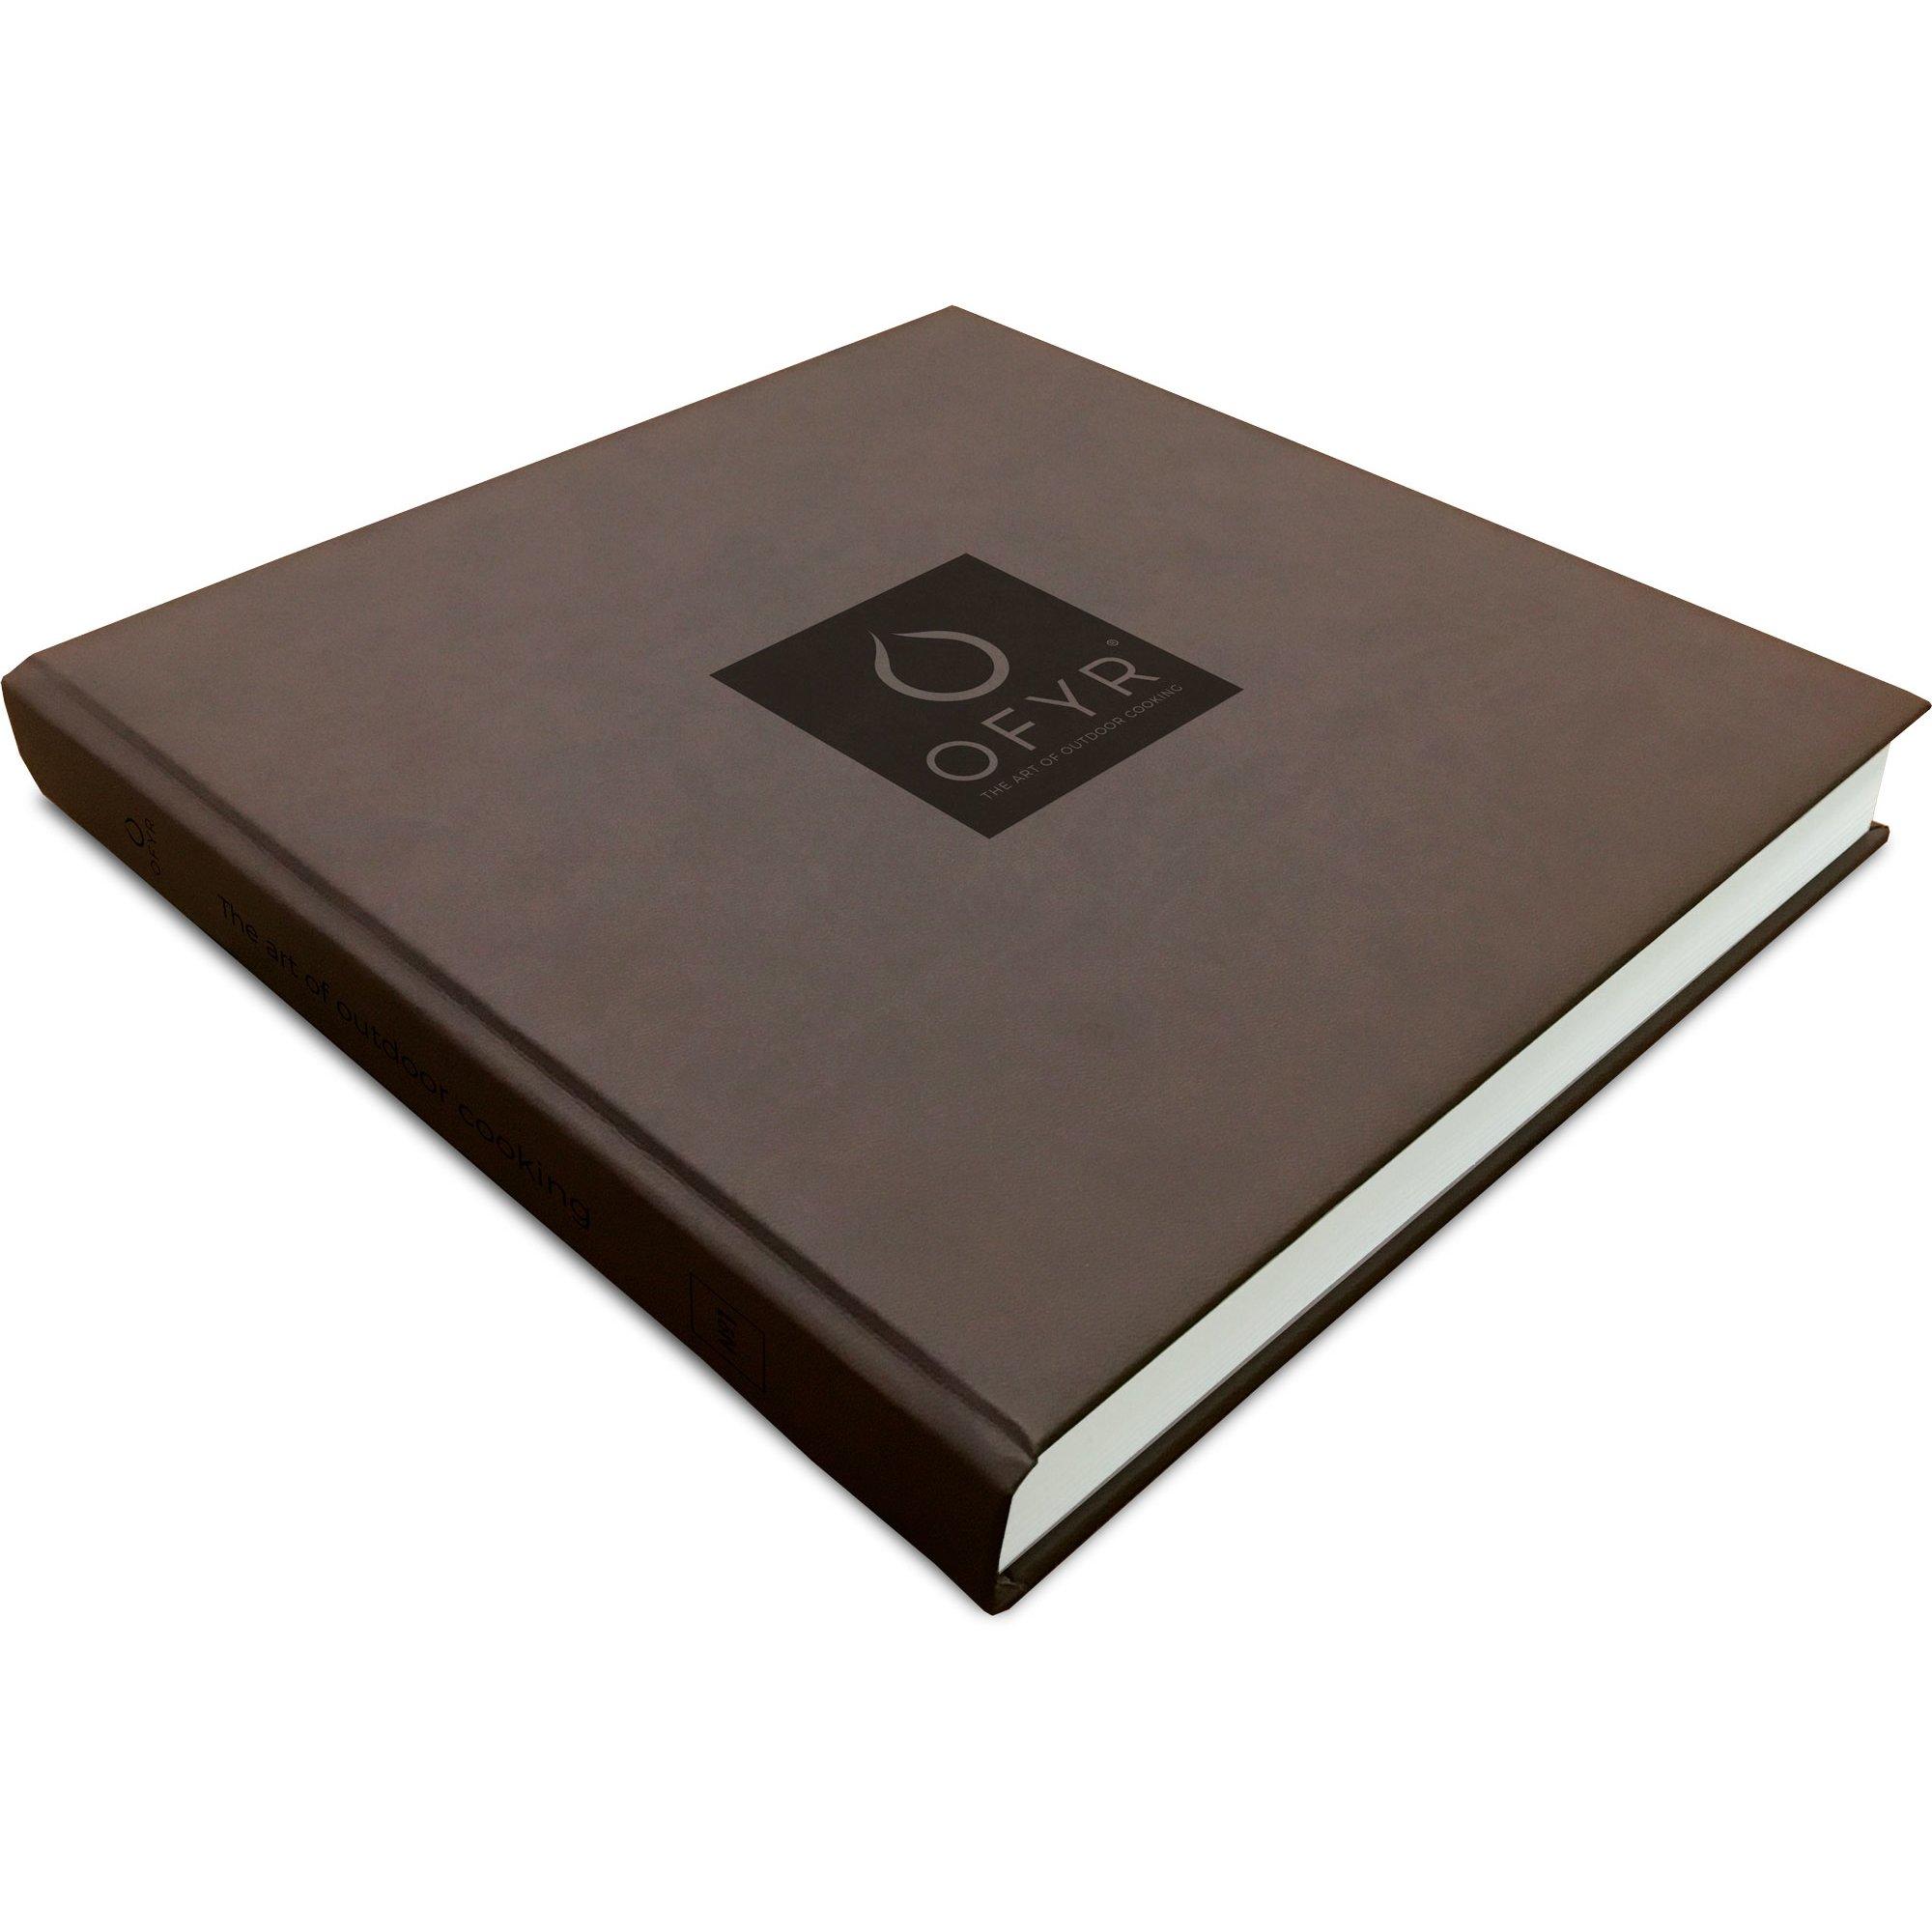 Ofyr Cookbook